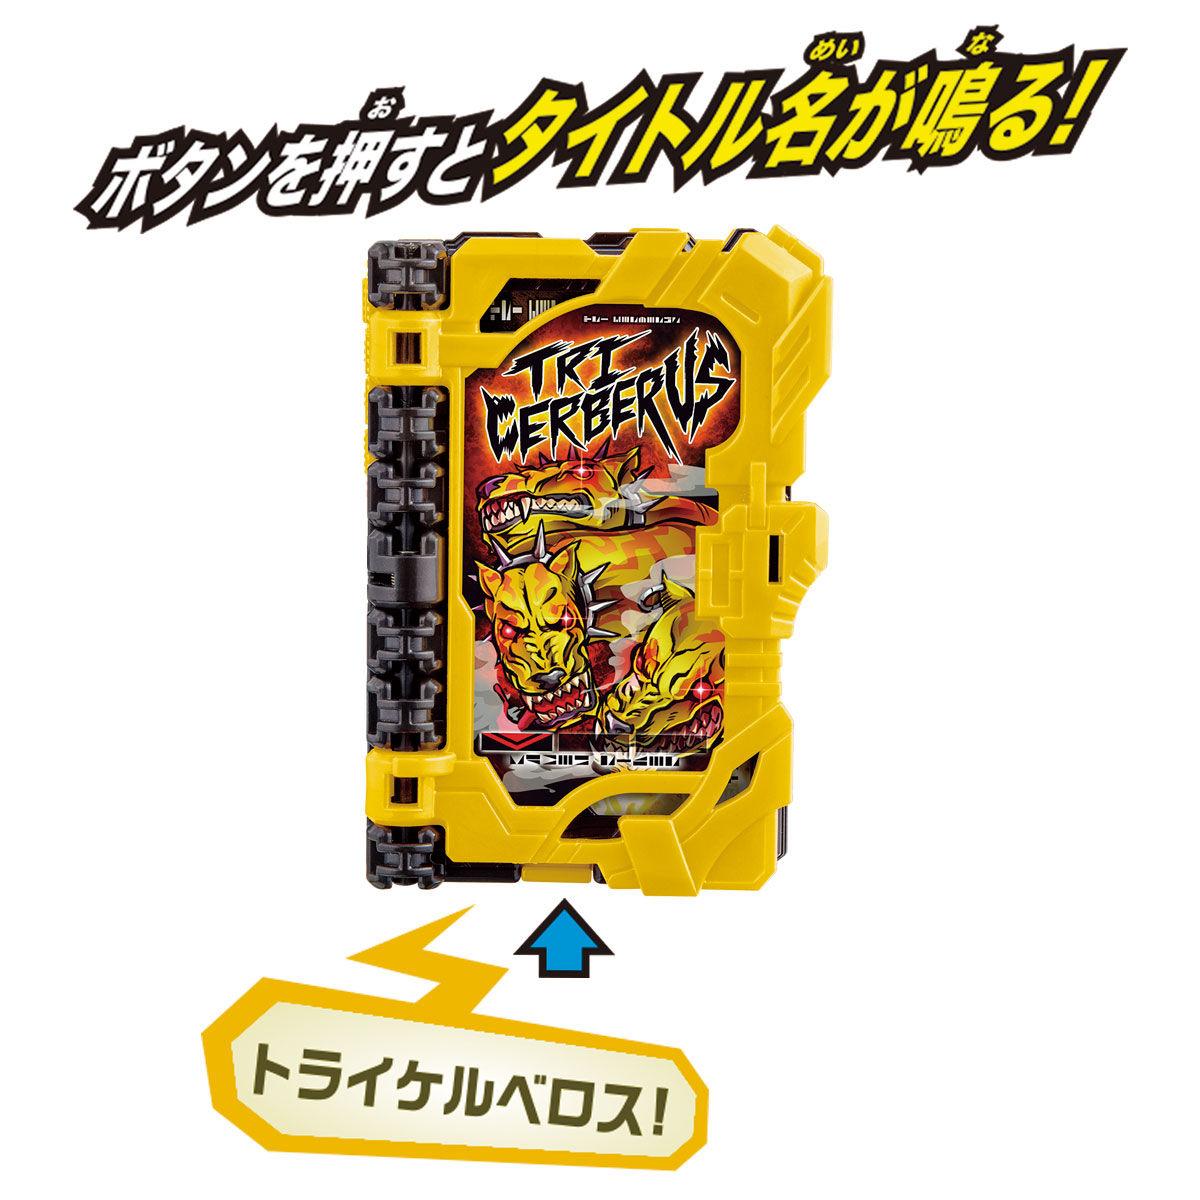 仮面ライダーセイバー『DXトライケルベロスワンダーライドブック』変身なりきり-002